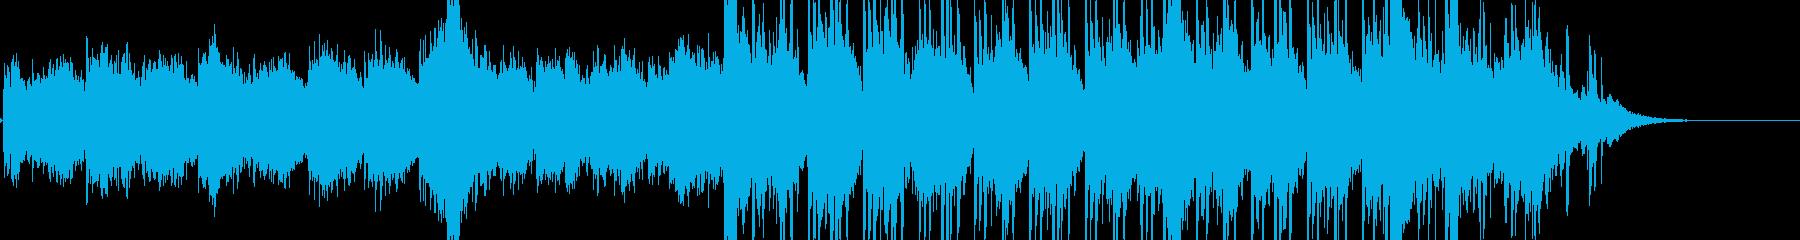 壮大なエレキギターのアルペジオの再生済みの波形